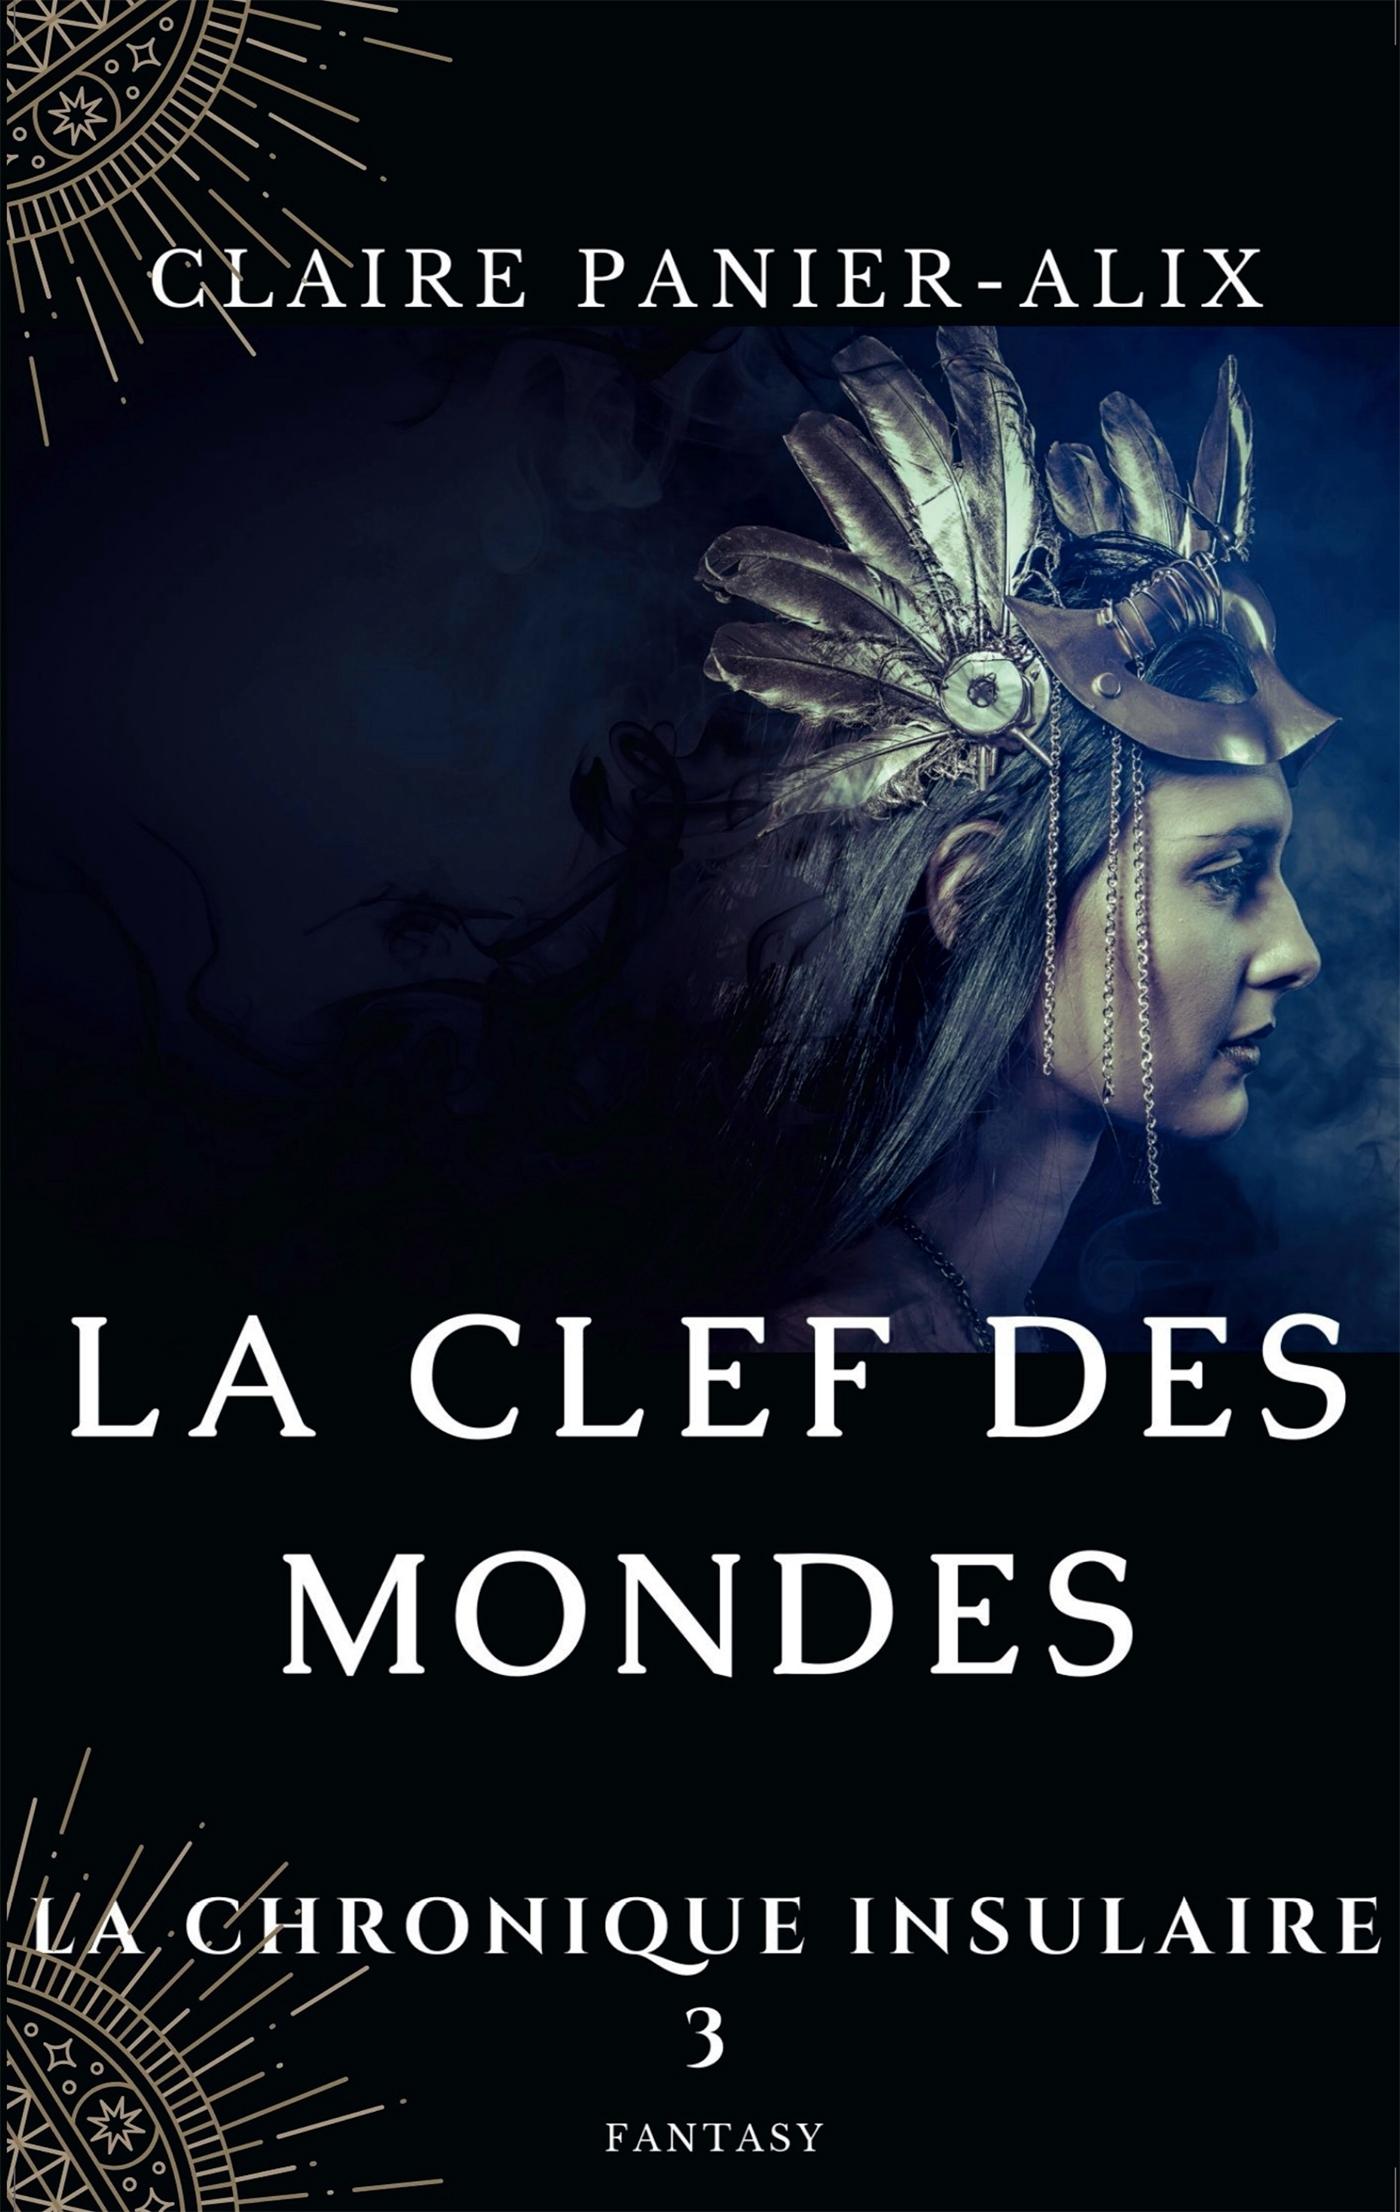 LA CHRONIQUE INSULAIRE, 3 - LA CLEF DES MONDES